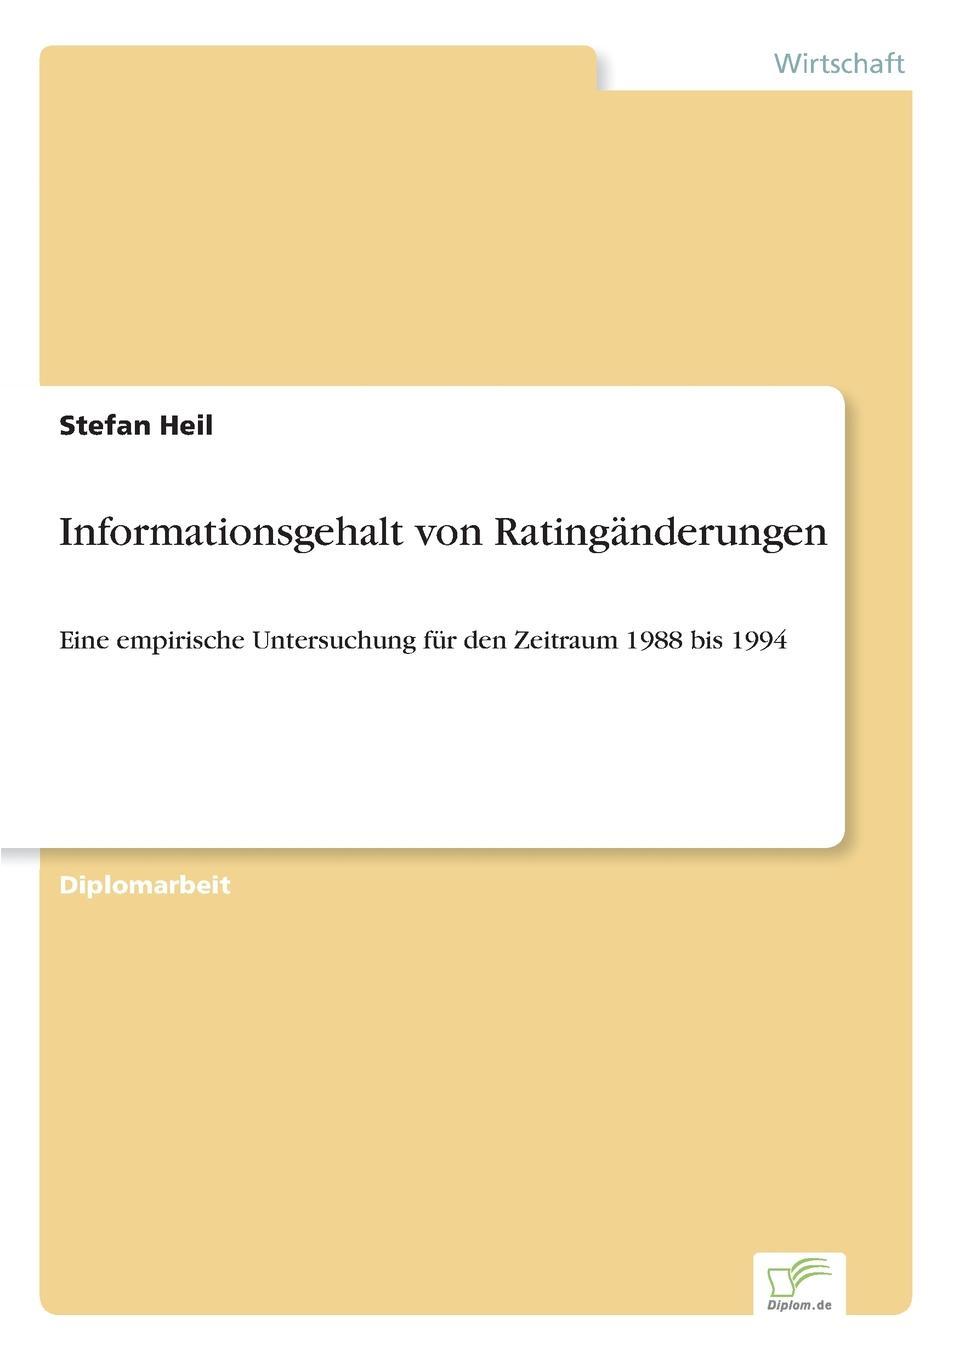 Informationsgehalt von Ratinganderungen